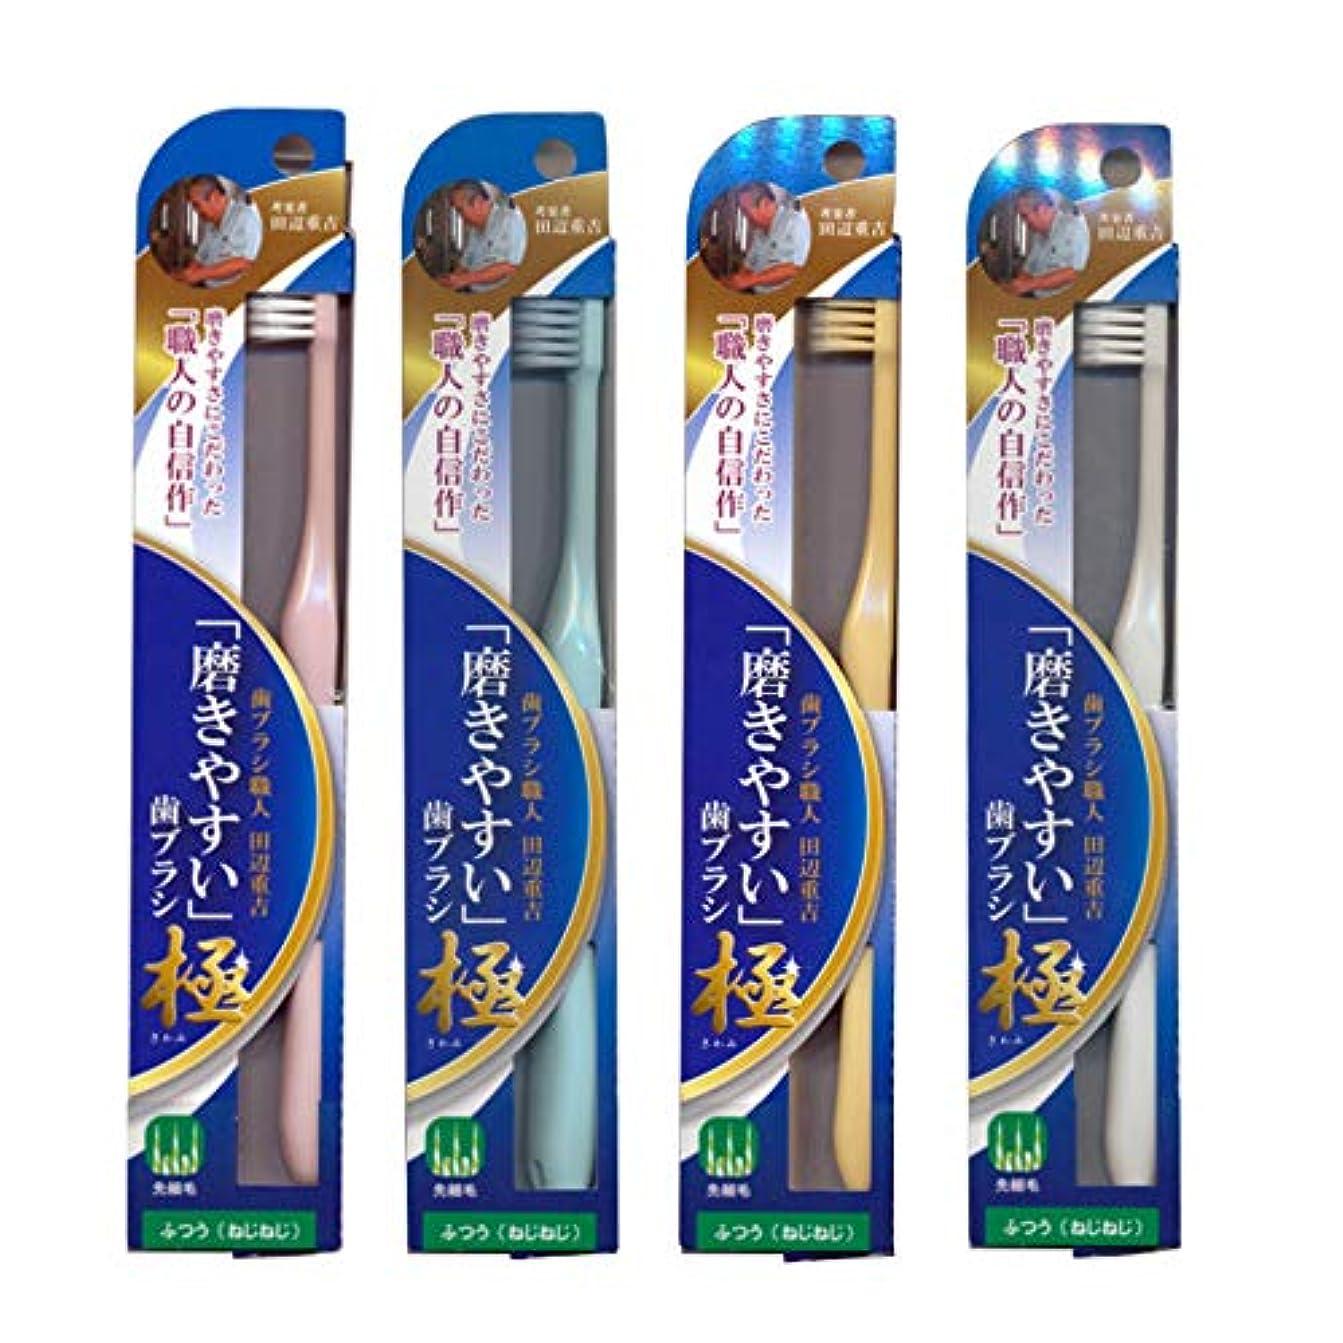 シンボル熱再発する磨きやすい歯ブラシ極 (ふつう ねじねじ) LT-45×4本セット(ピンク×1、ブルー×1、ホワイト×1、イエロー×1) 先細毛